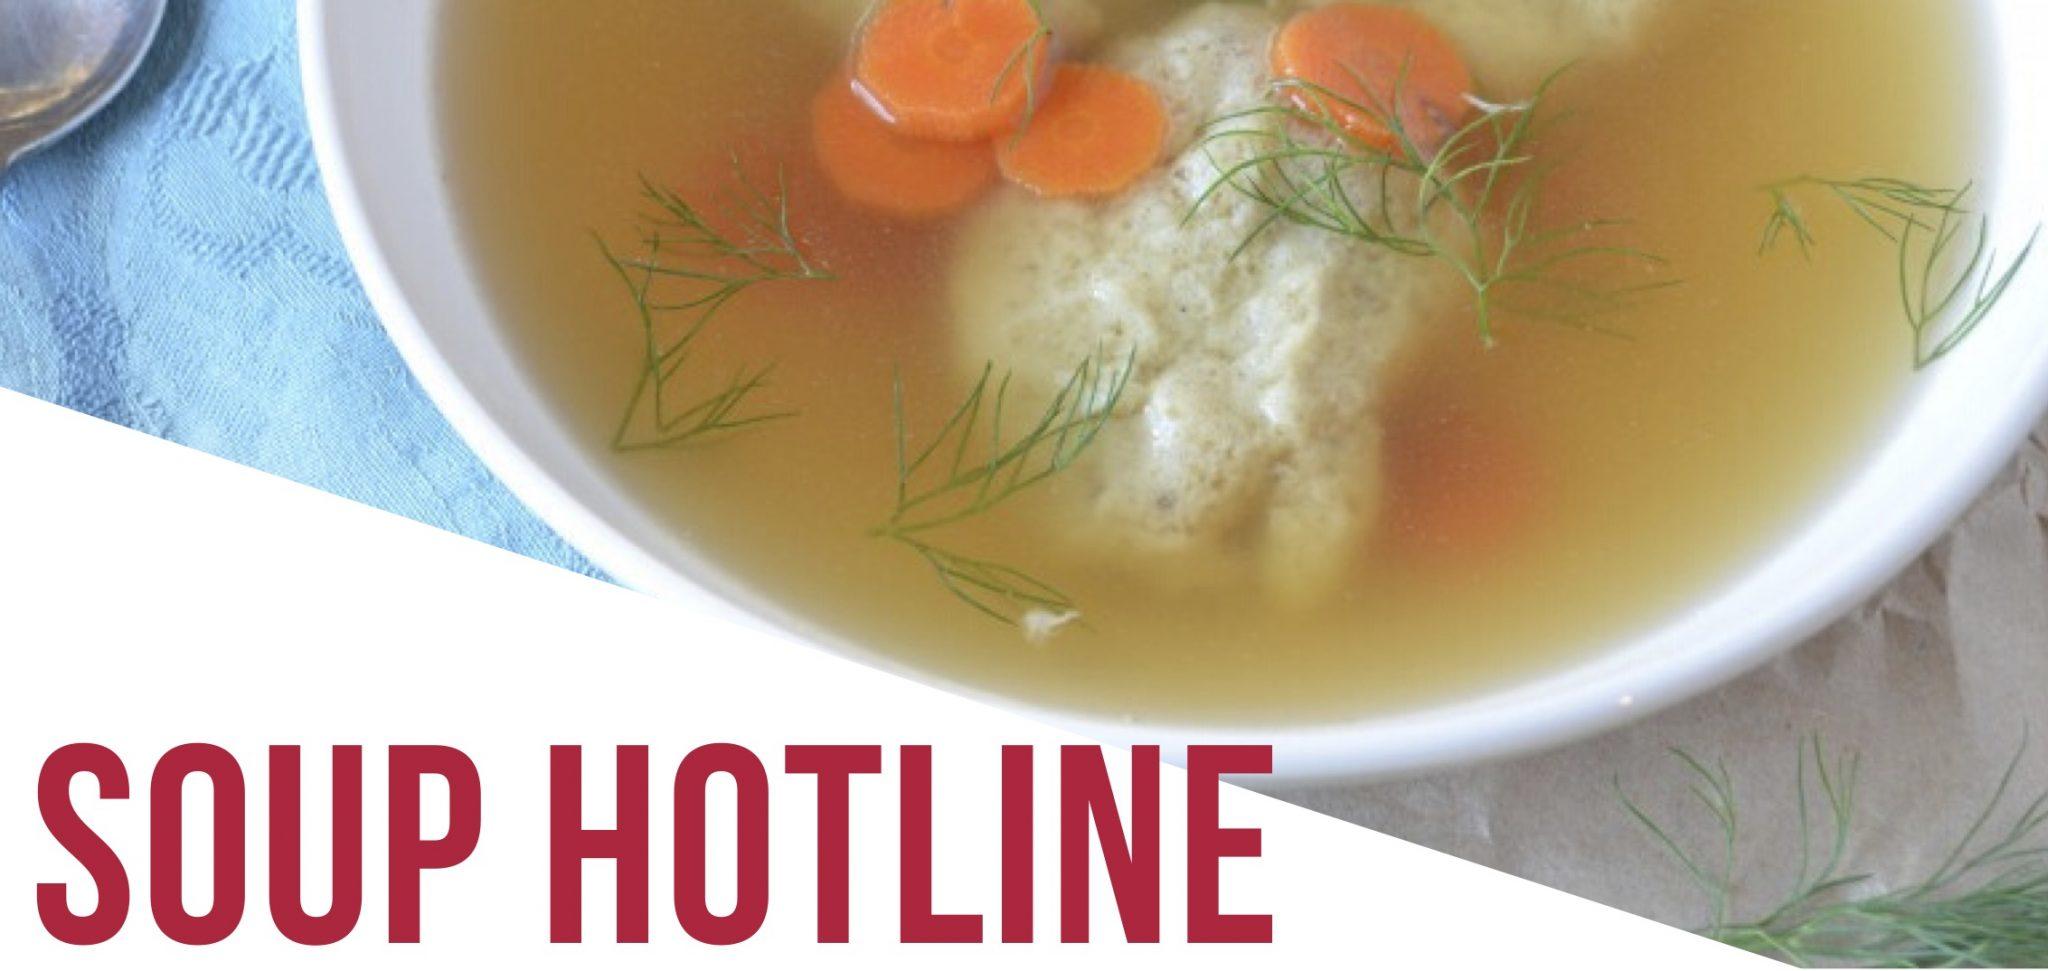 Mazta Ball SOup Hotline copy